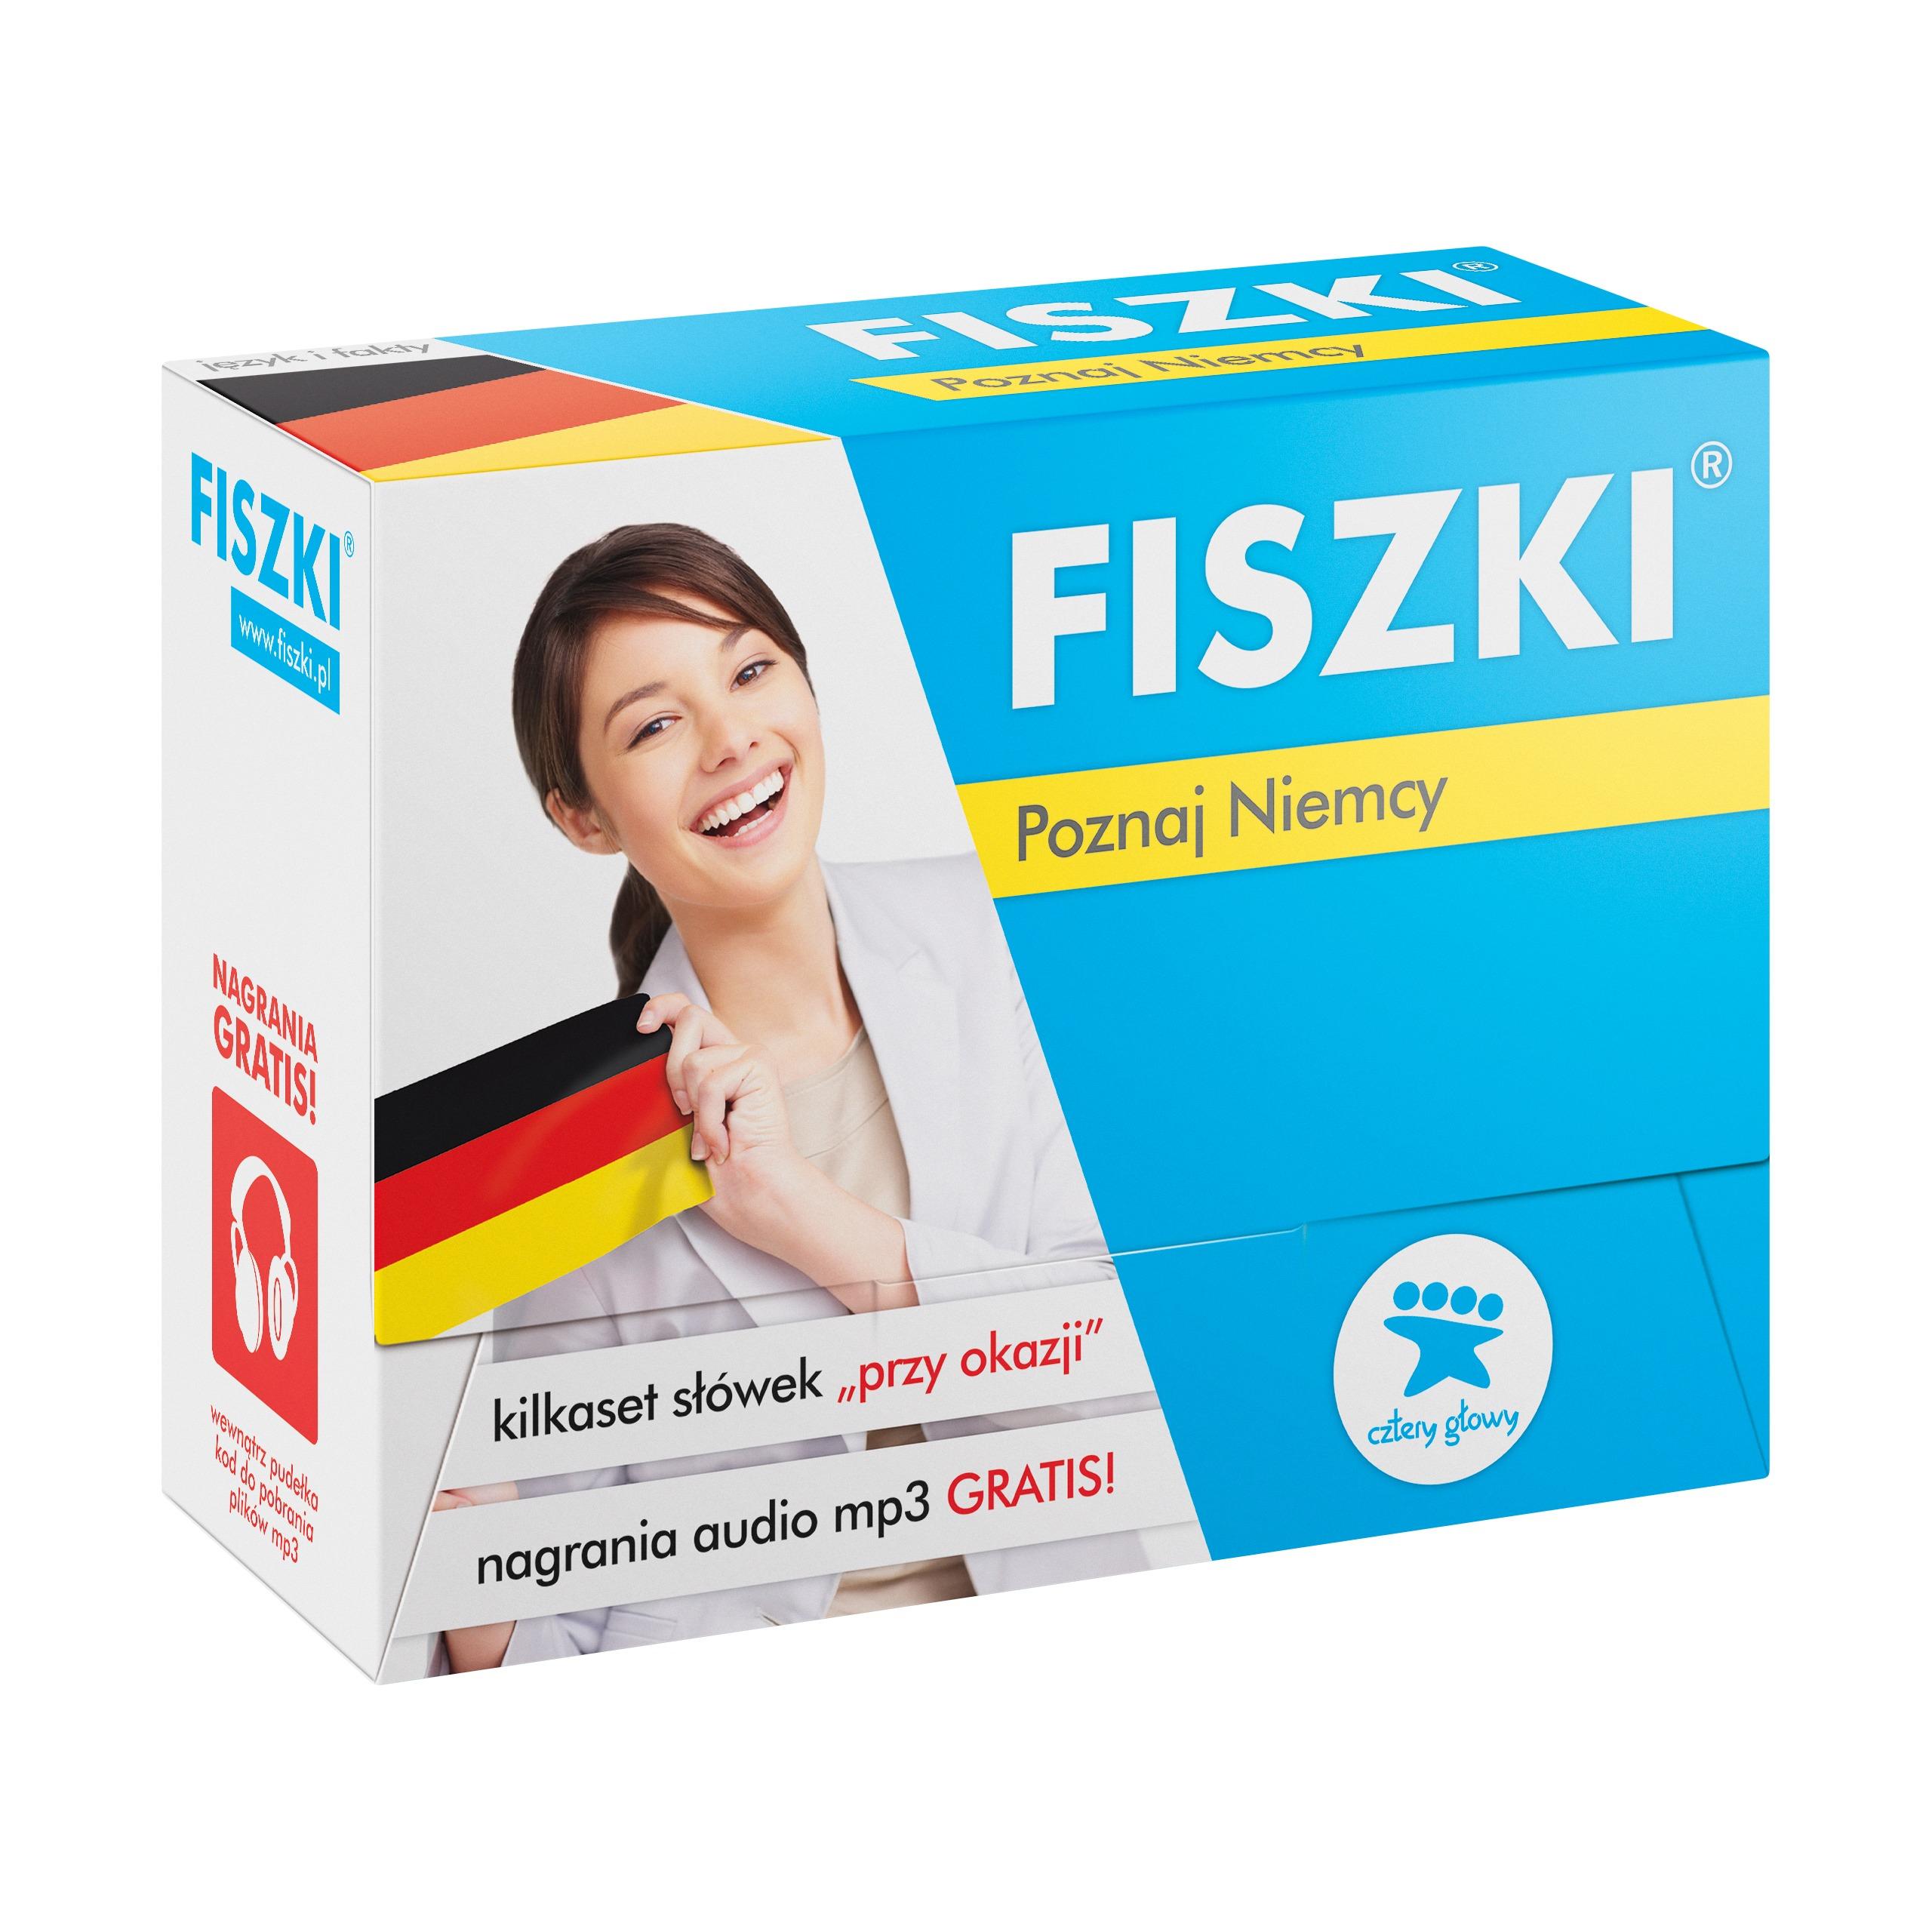 FISZKI - niemiecki - Poznaj Niemcy